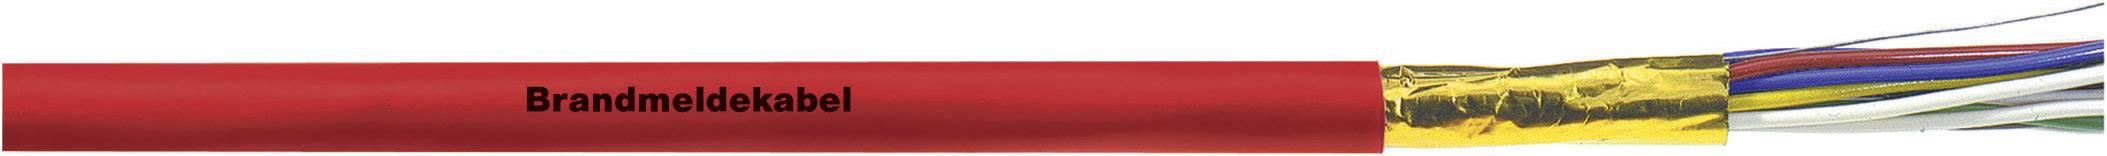 Signalizační kabel LappKabel J-Y(ST)Y 2X2X0,8 (1708002), 7 mm, červená, 1000 m